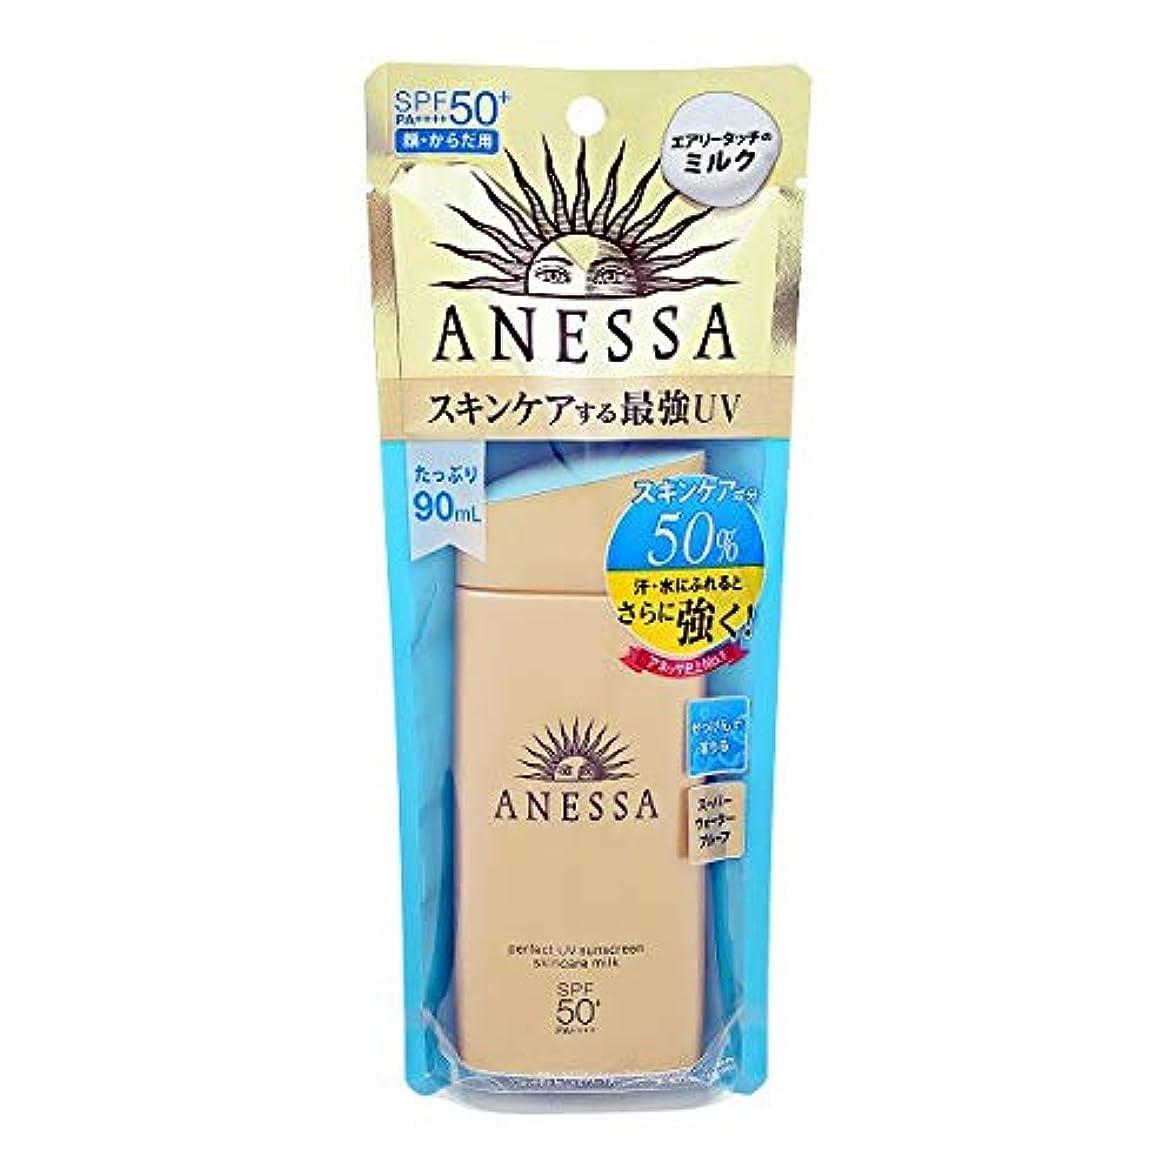 簡潔なロードハウス矢アネッサ(ANESSA) パーフェクトUV スキンケアミルク 90mL [ 日焼け止め ] [並行輸入品]